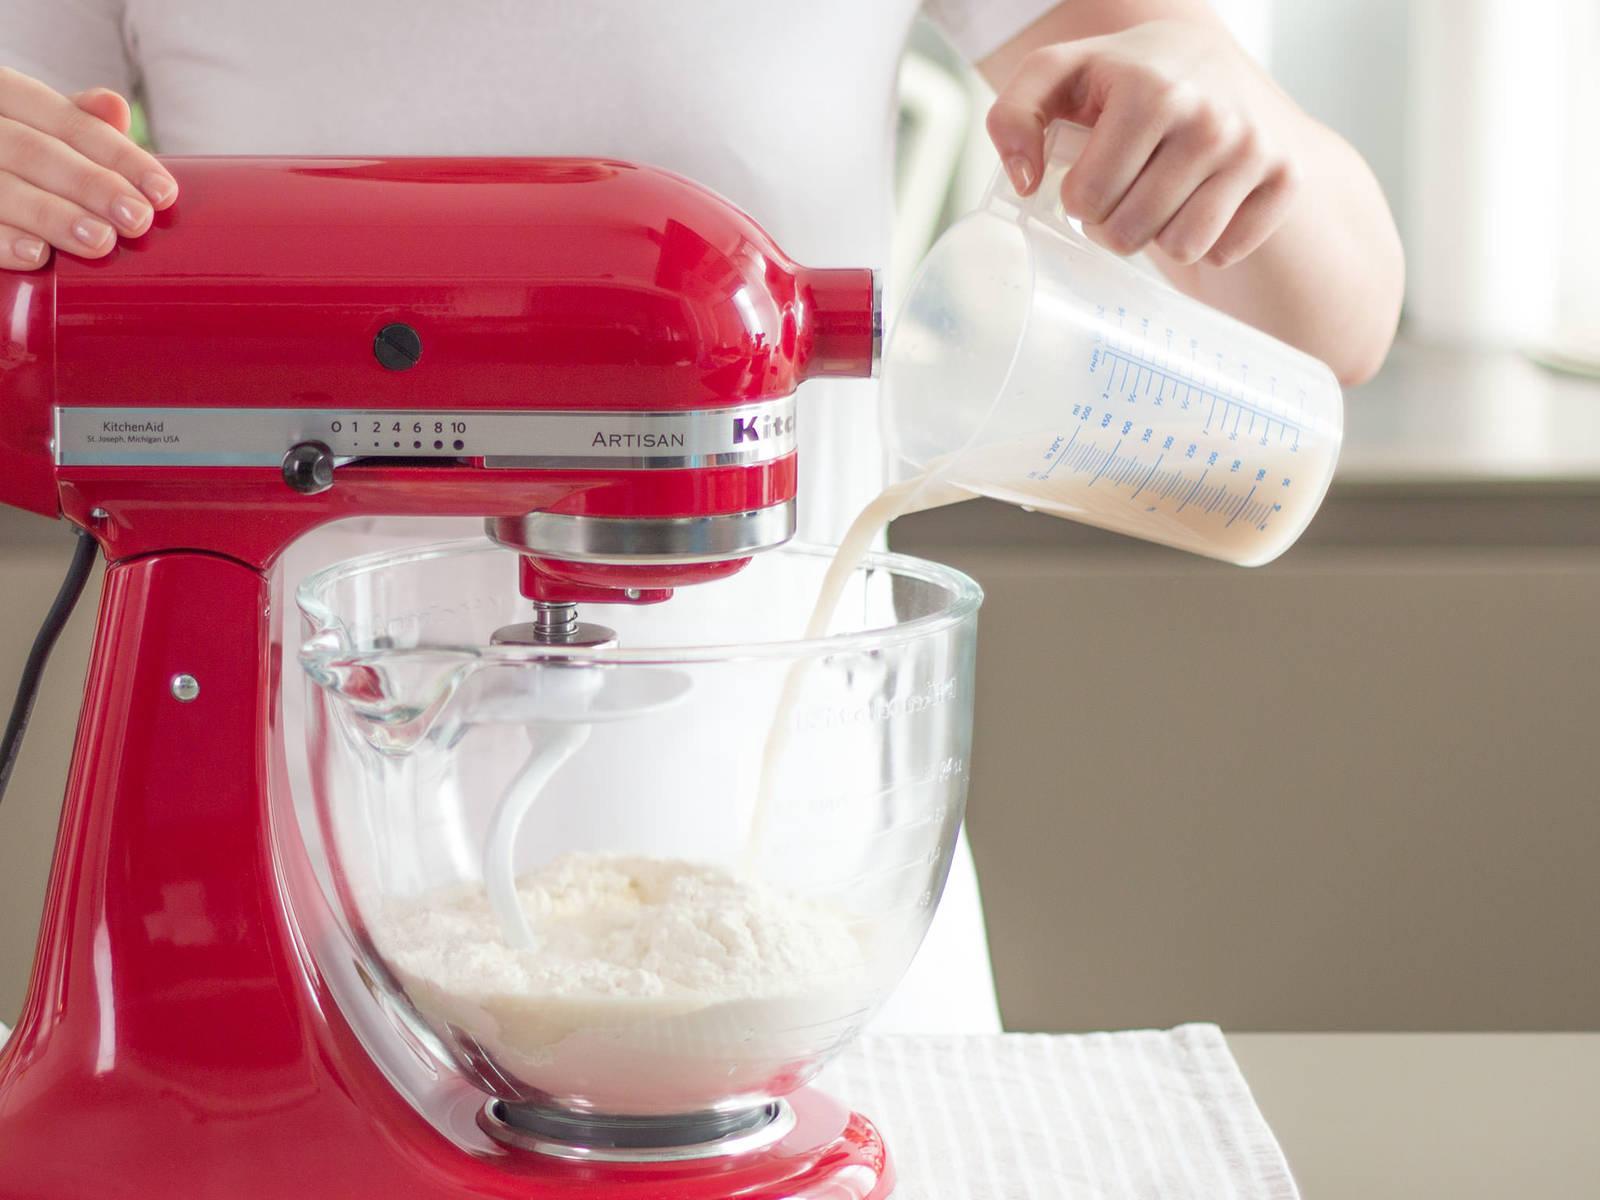 预热烤箱至180摄氏度/350华氏度。 在量杯中以温水溶解酵母和糖,然后将溶解后的混合物与面粉、盐和植物油一同倒入立式搅拌机中。搅拌至面团呈现柔软均匀的状态。将面团盖住,让其在温暖的室温中发酵约60分钟。